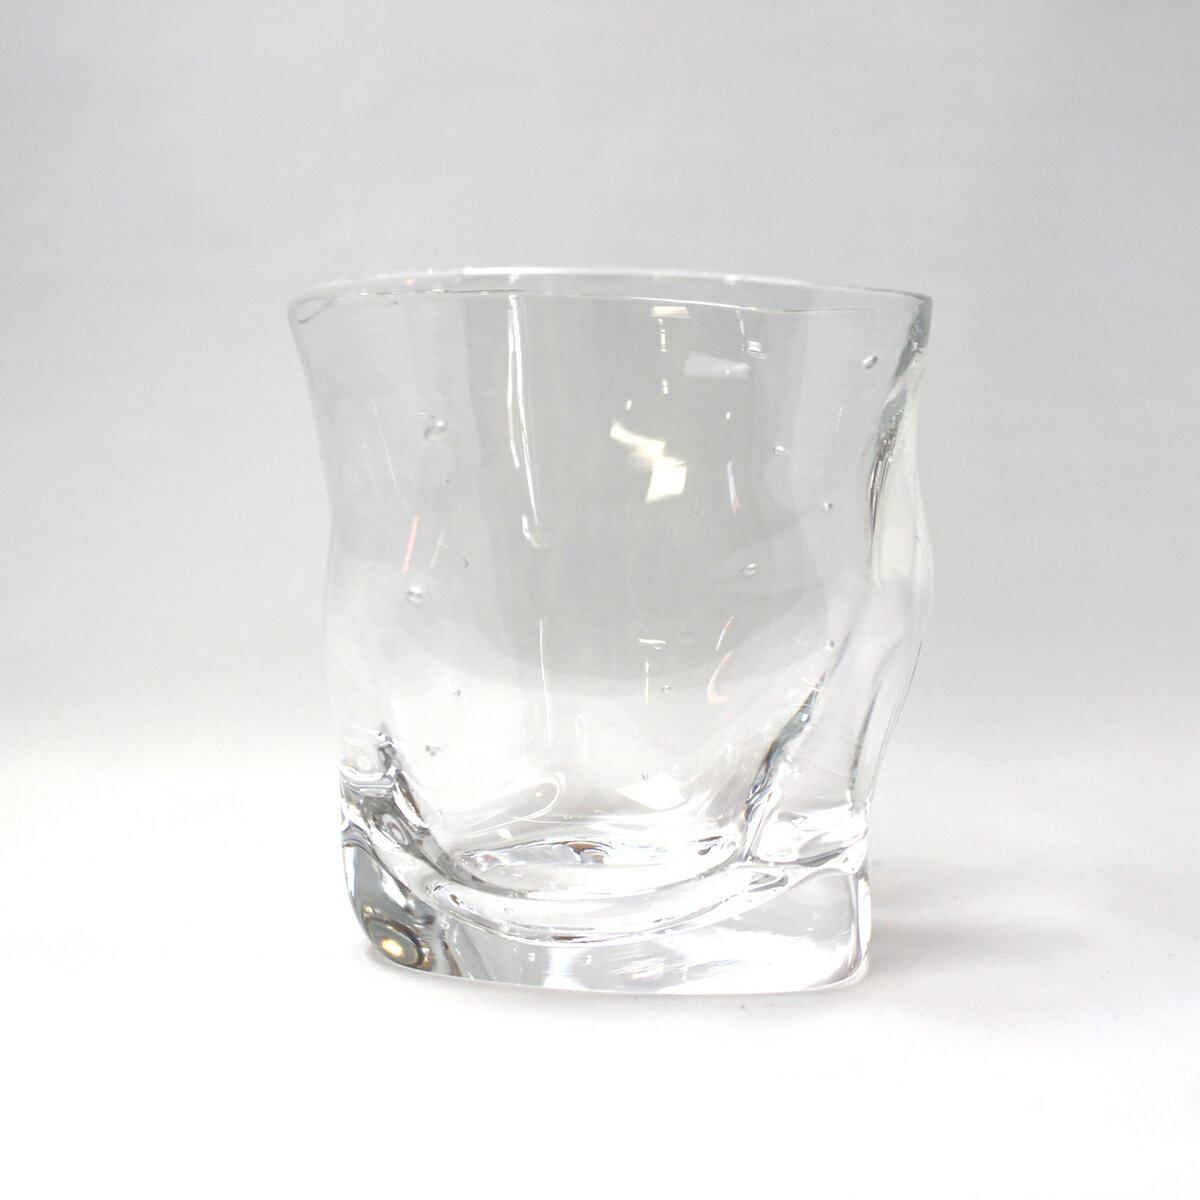 glasscalico(グラスキャリコ)『ミナモグラス』